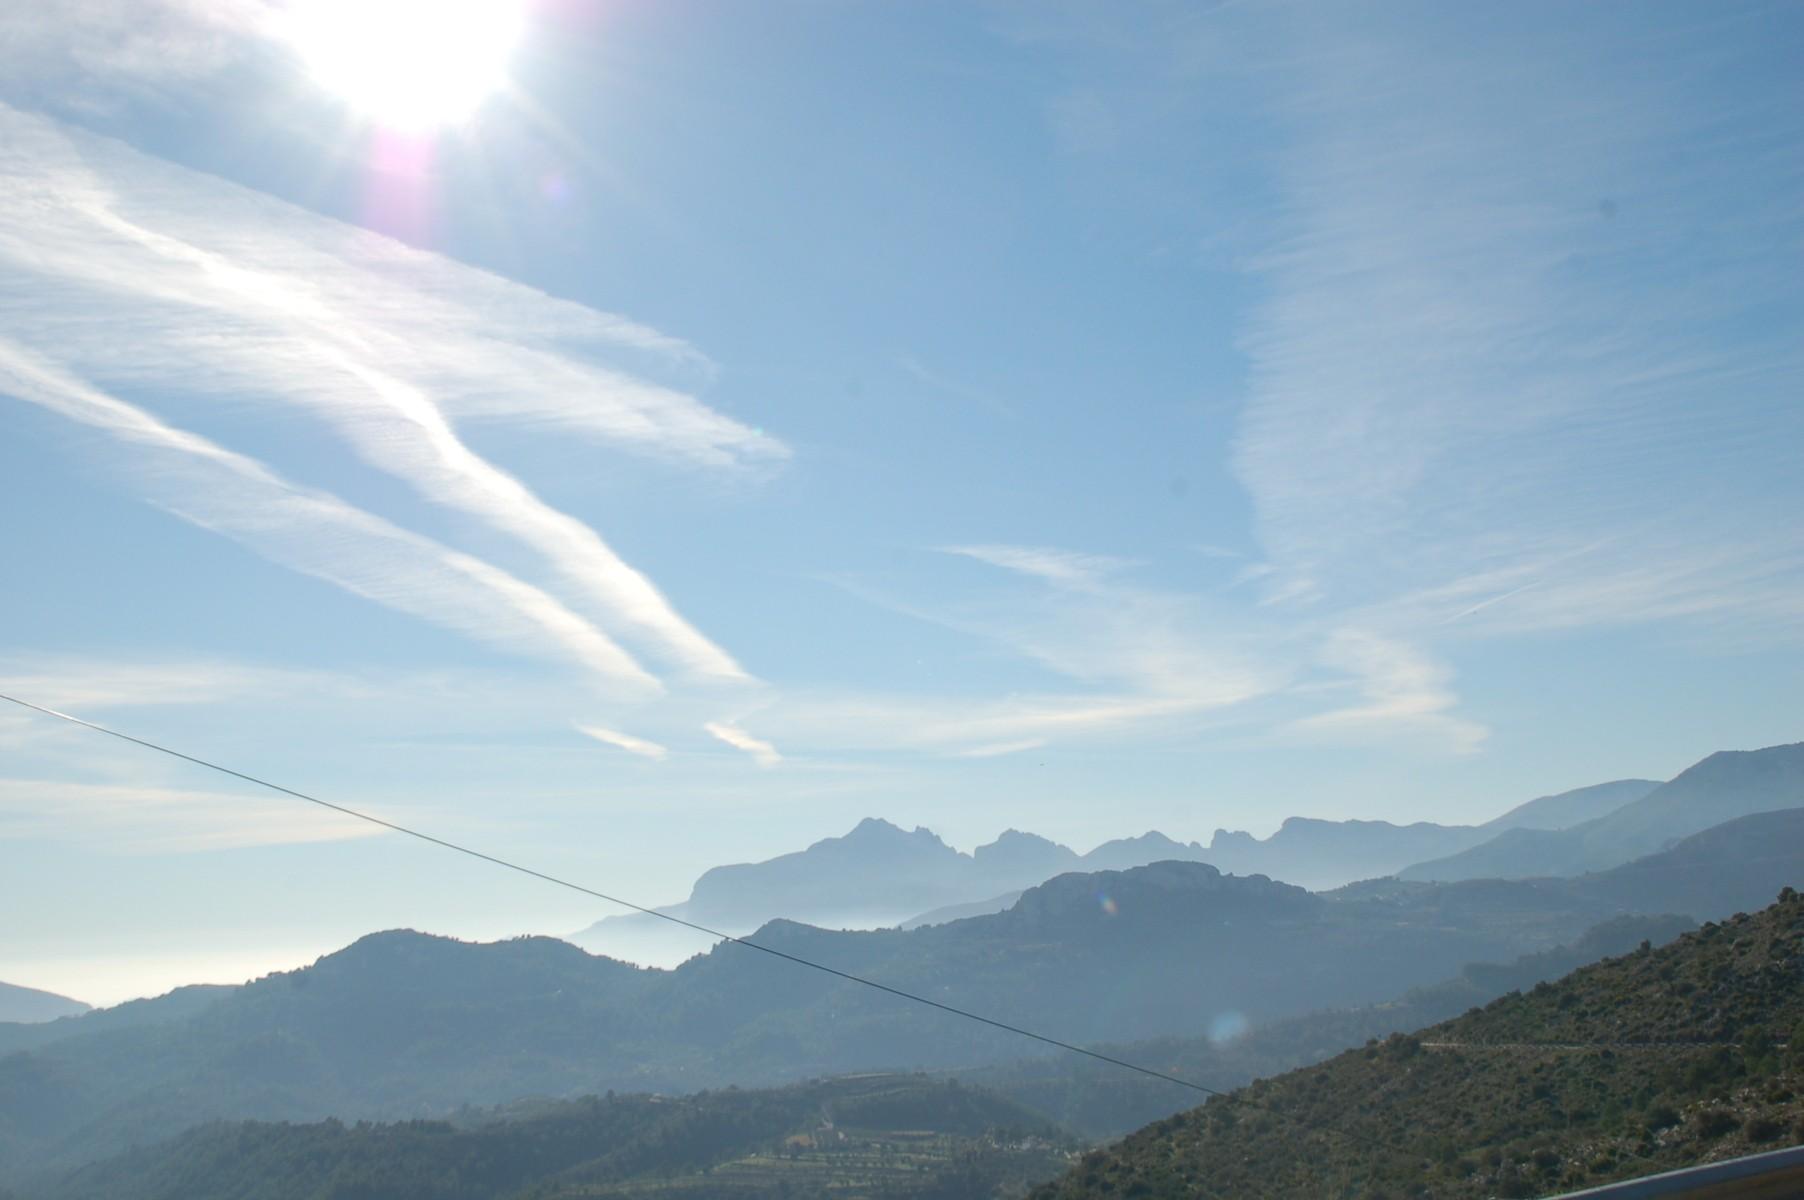 Man blickt über Berge und erkennt einen leihten Dunstschleier im Tal